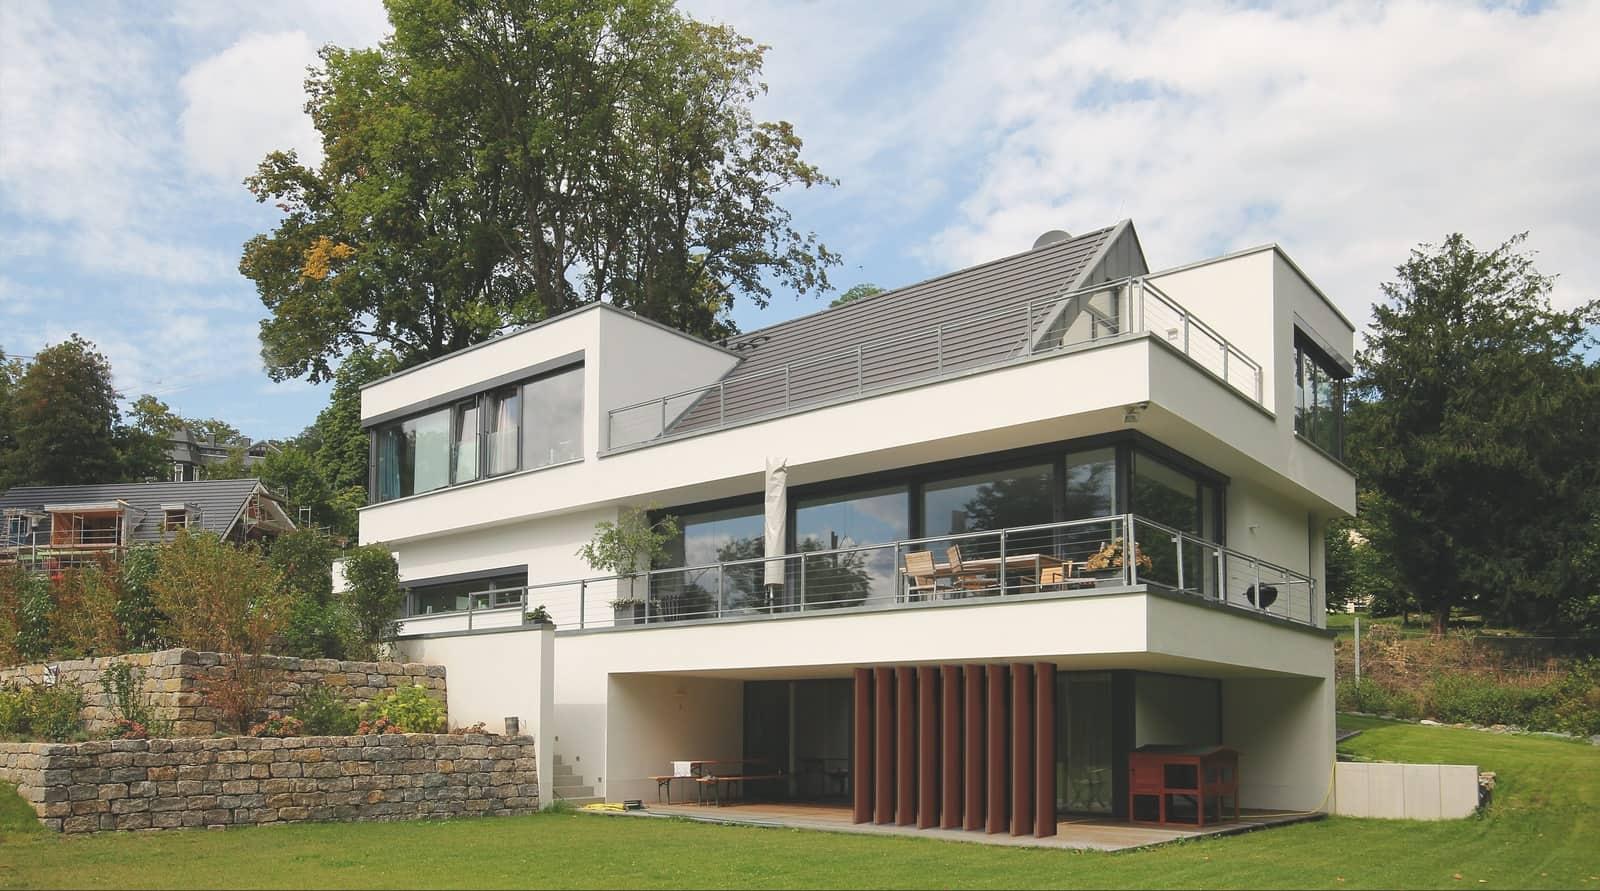 Einfamilienhaus modern Satteldach